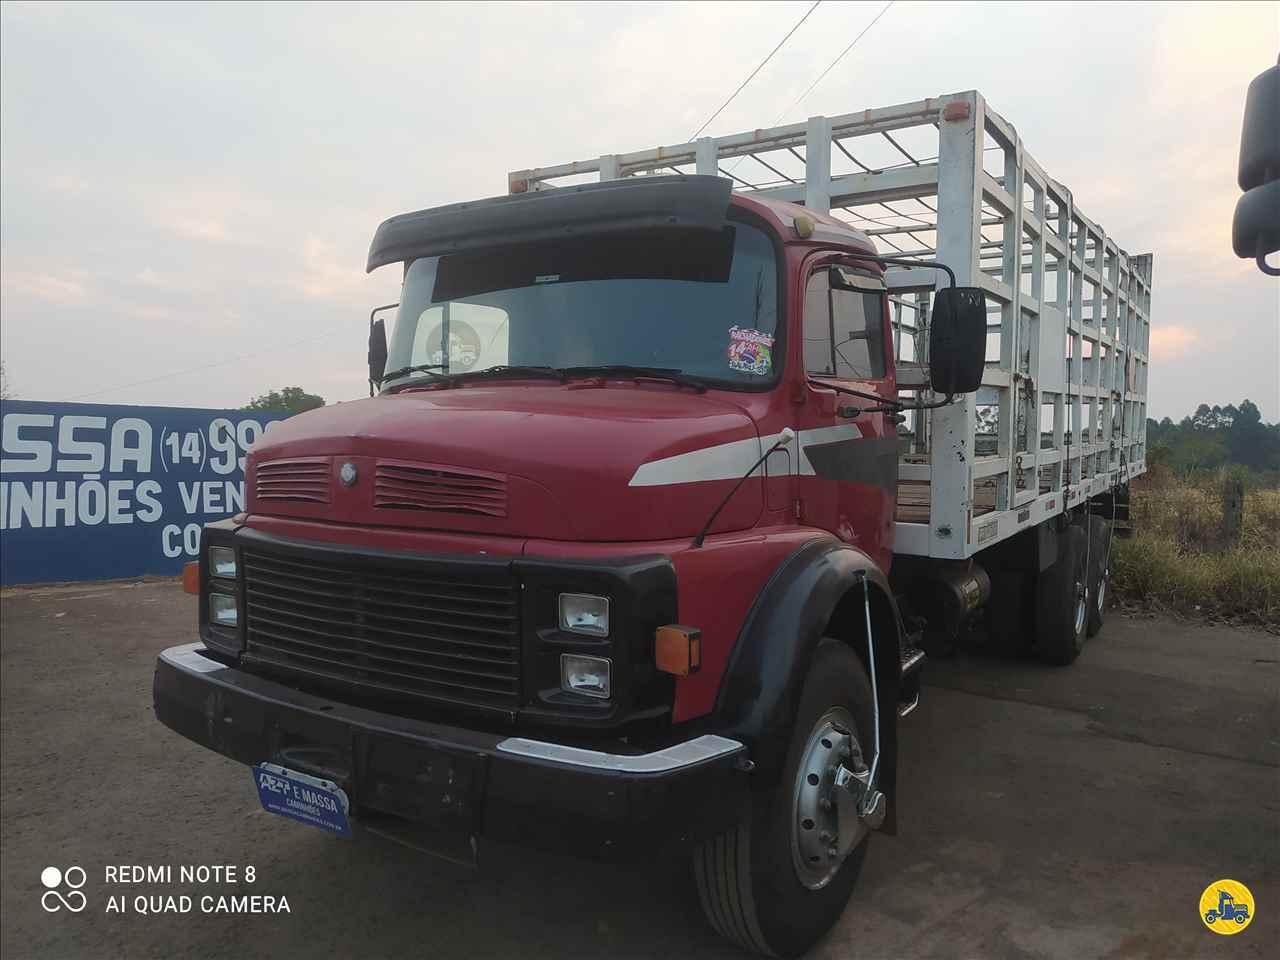 CAMINHAO MERCEDES-BENZ MB 1513 Gaiola de Gás Truck 6x2 Massa Caminhões SAO MANUEL SÃO PAULO SP